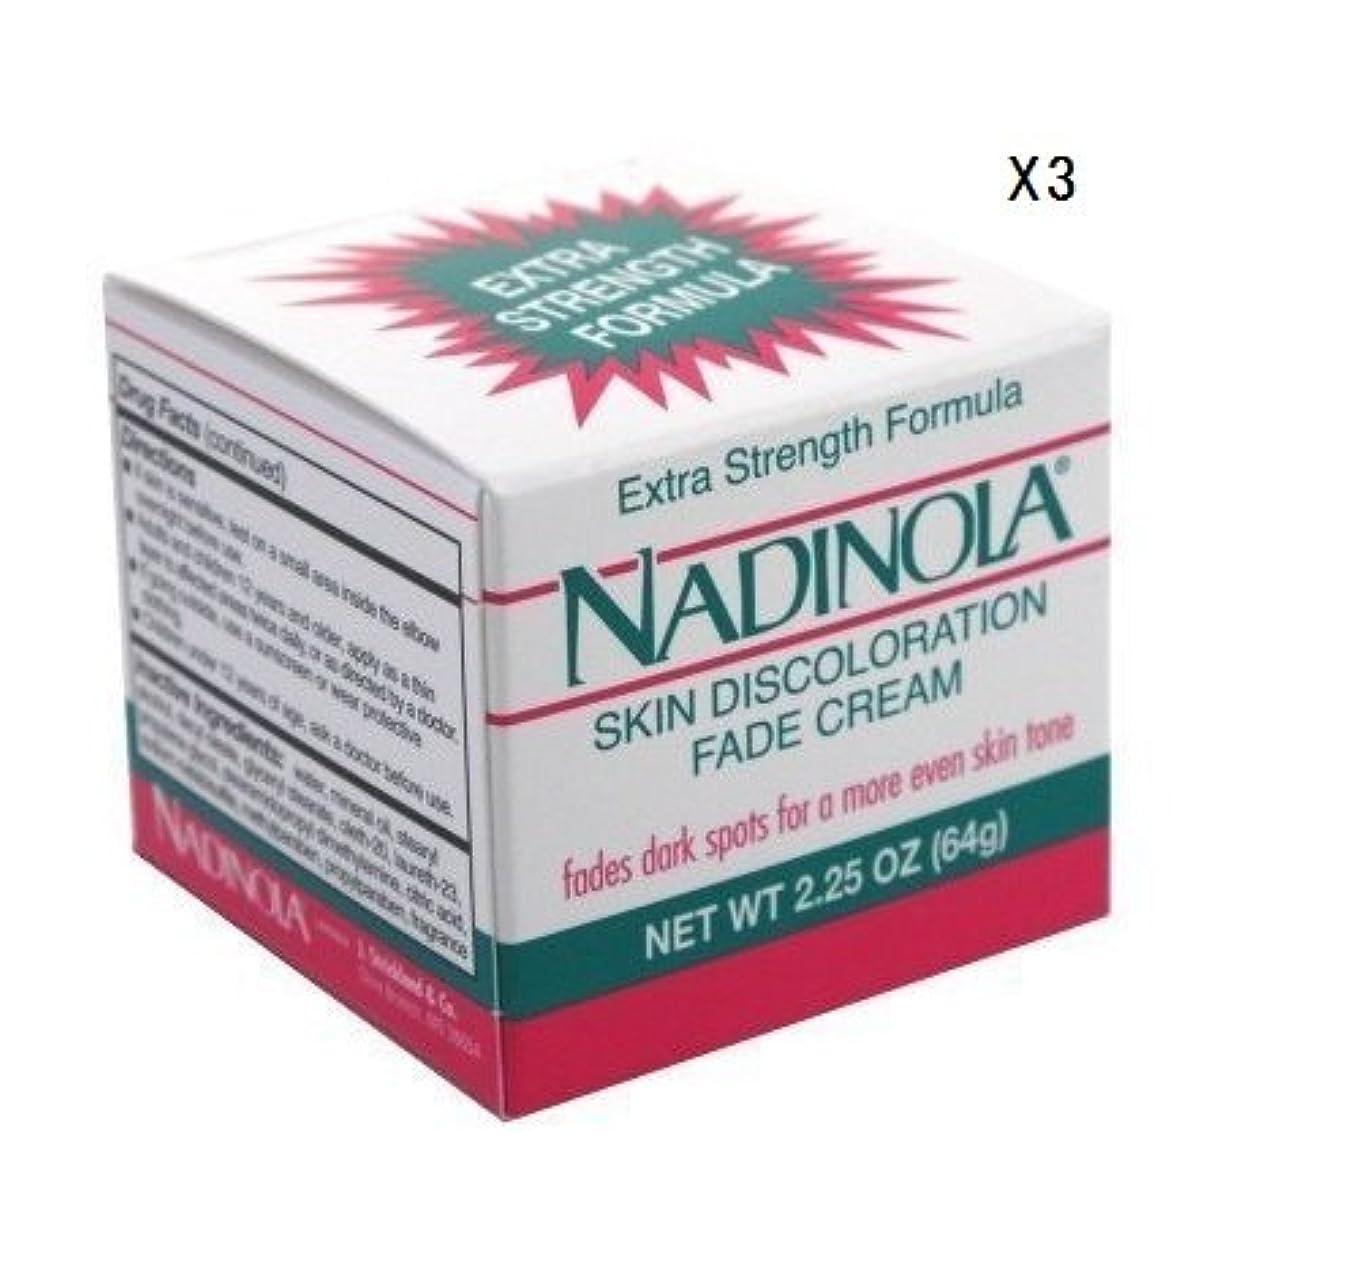 夜明け時モールス信号(海外直送品)強力美白クリーム (64g)ナディノラ Nadolina Skin Bleach - Extra Strength 2.25 Oz. (Pack of 3) by Nadinola